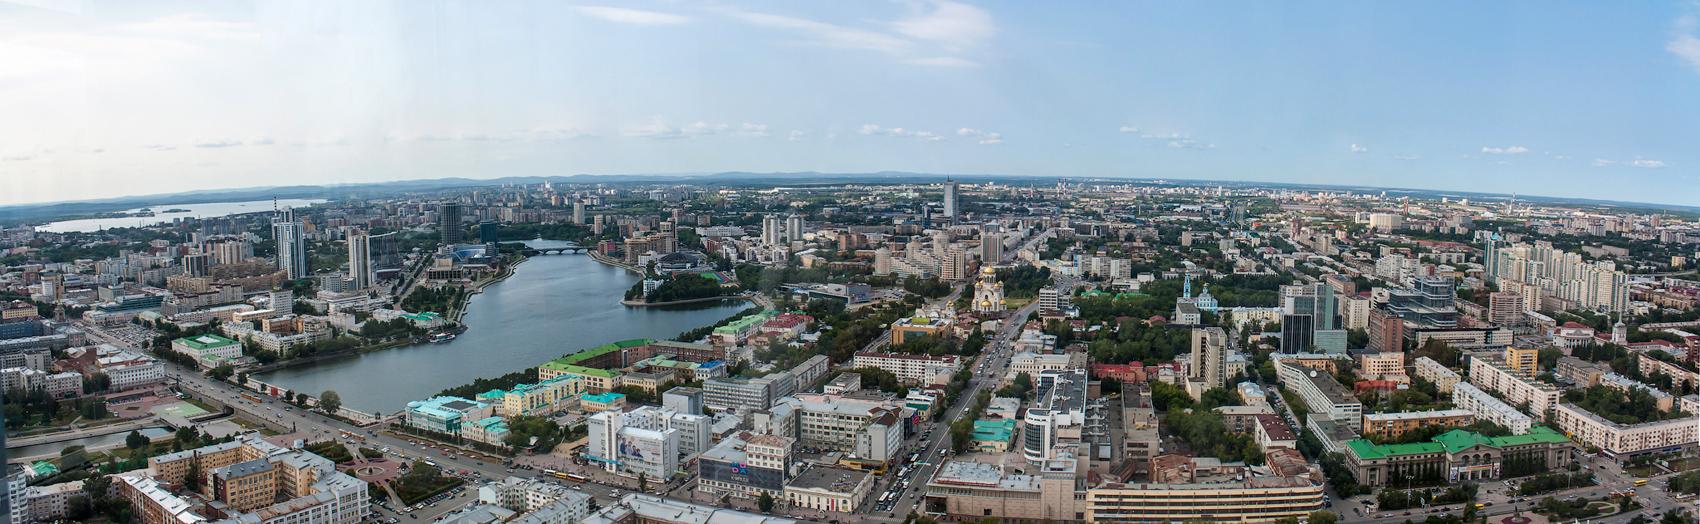 ekaterinburg-smotrovaya-ploshadka_02